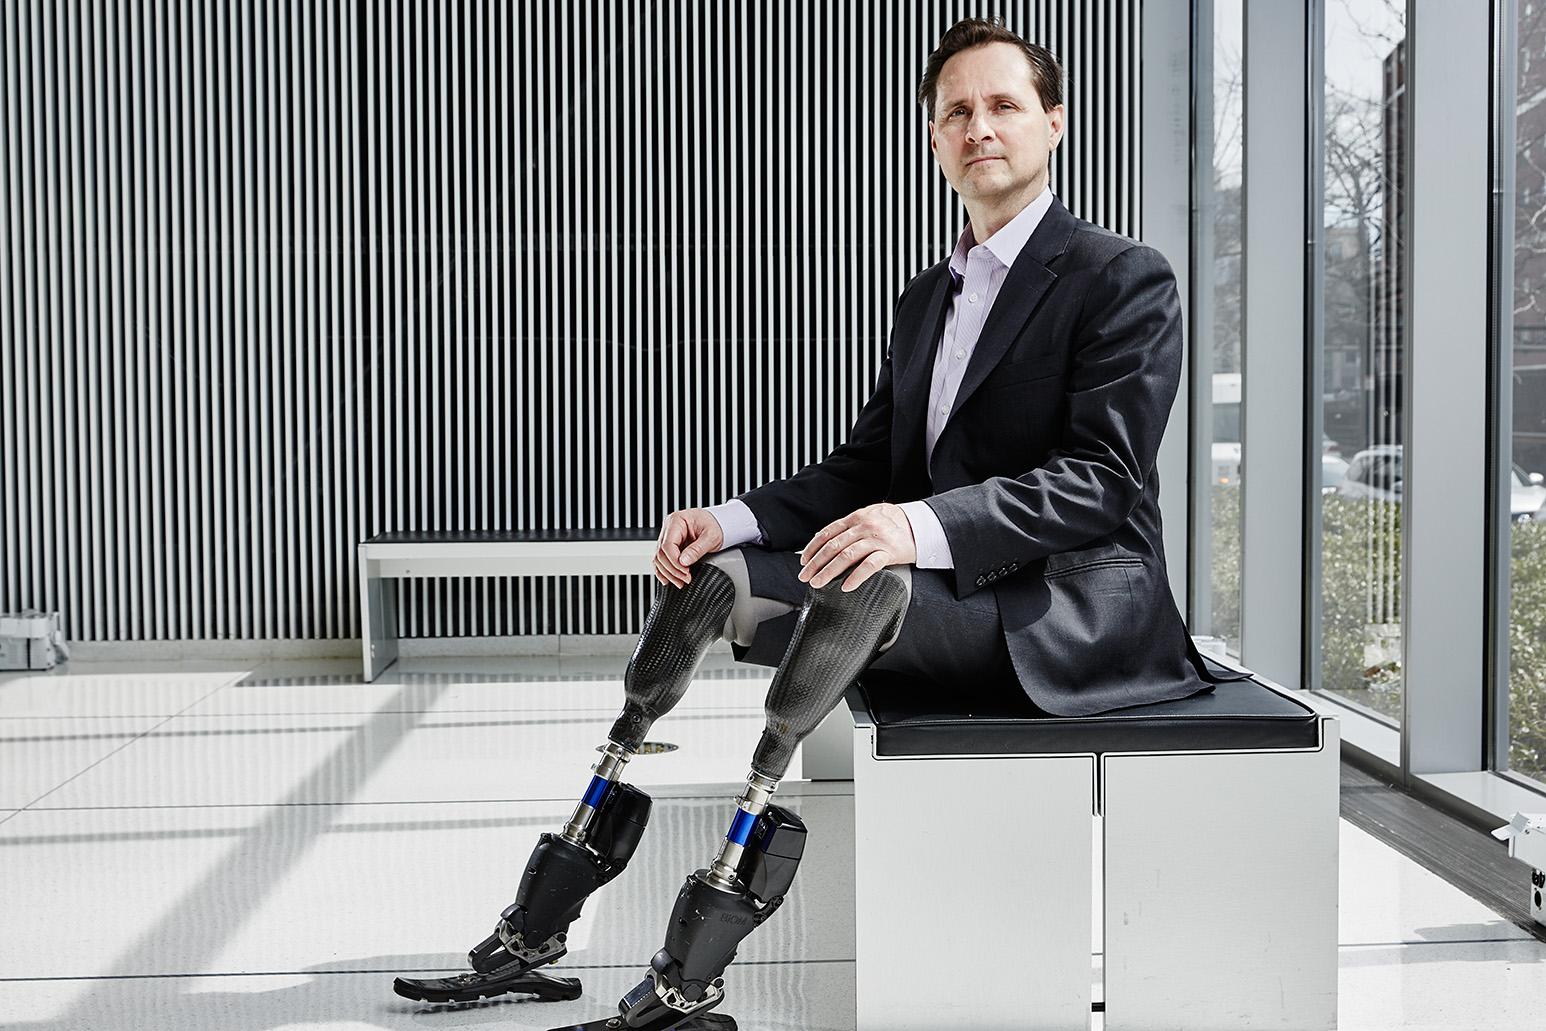 u s  bionic knee and ankle prosthesis pioneer hugh herr